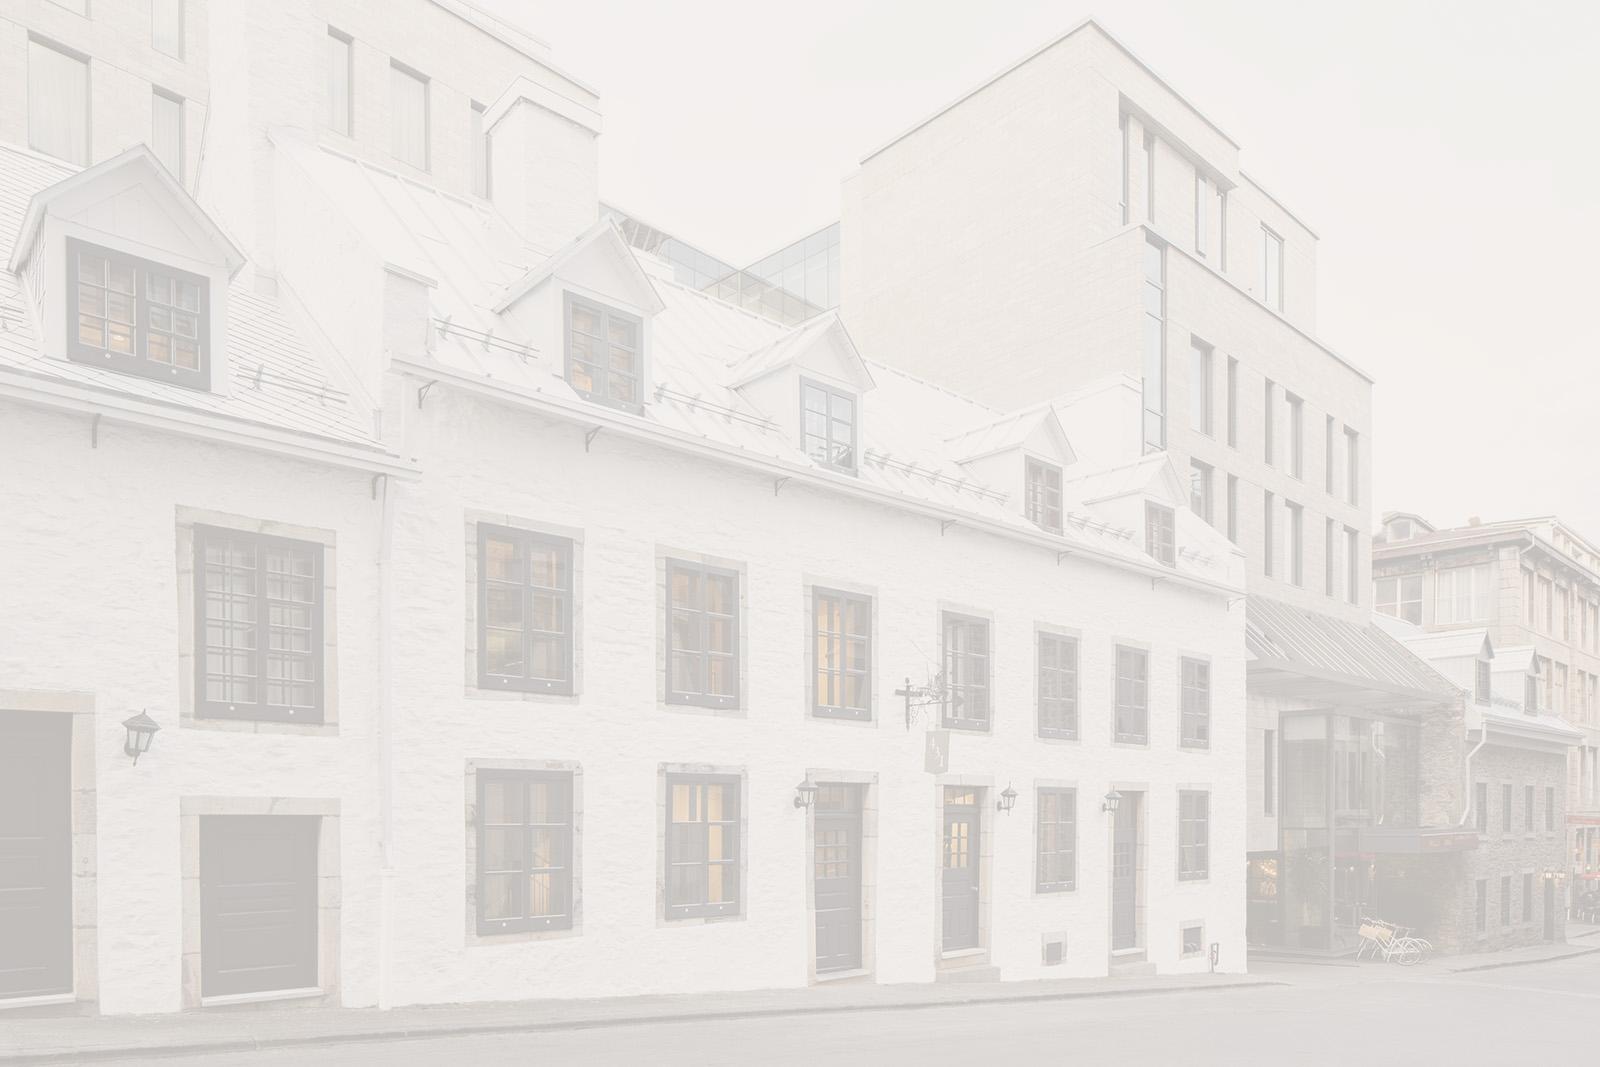 Une photo du bâtiment de l'Hôtel William Gray, l'un des bâtiments historiques du Vieux-Montréal.